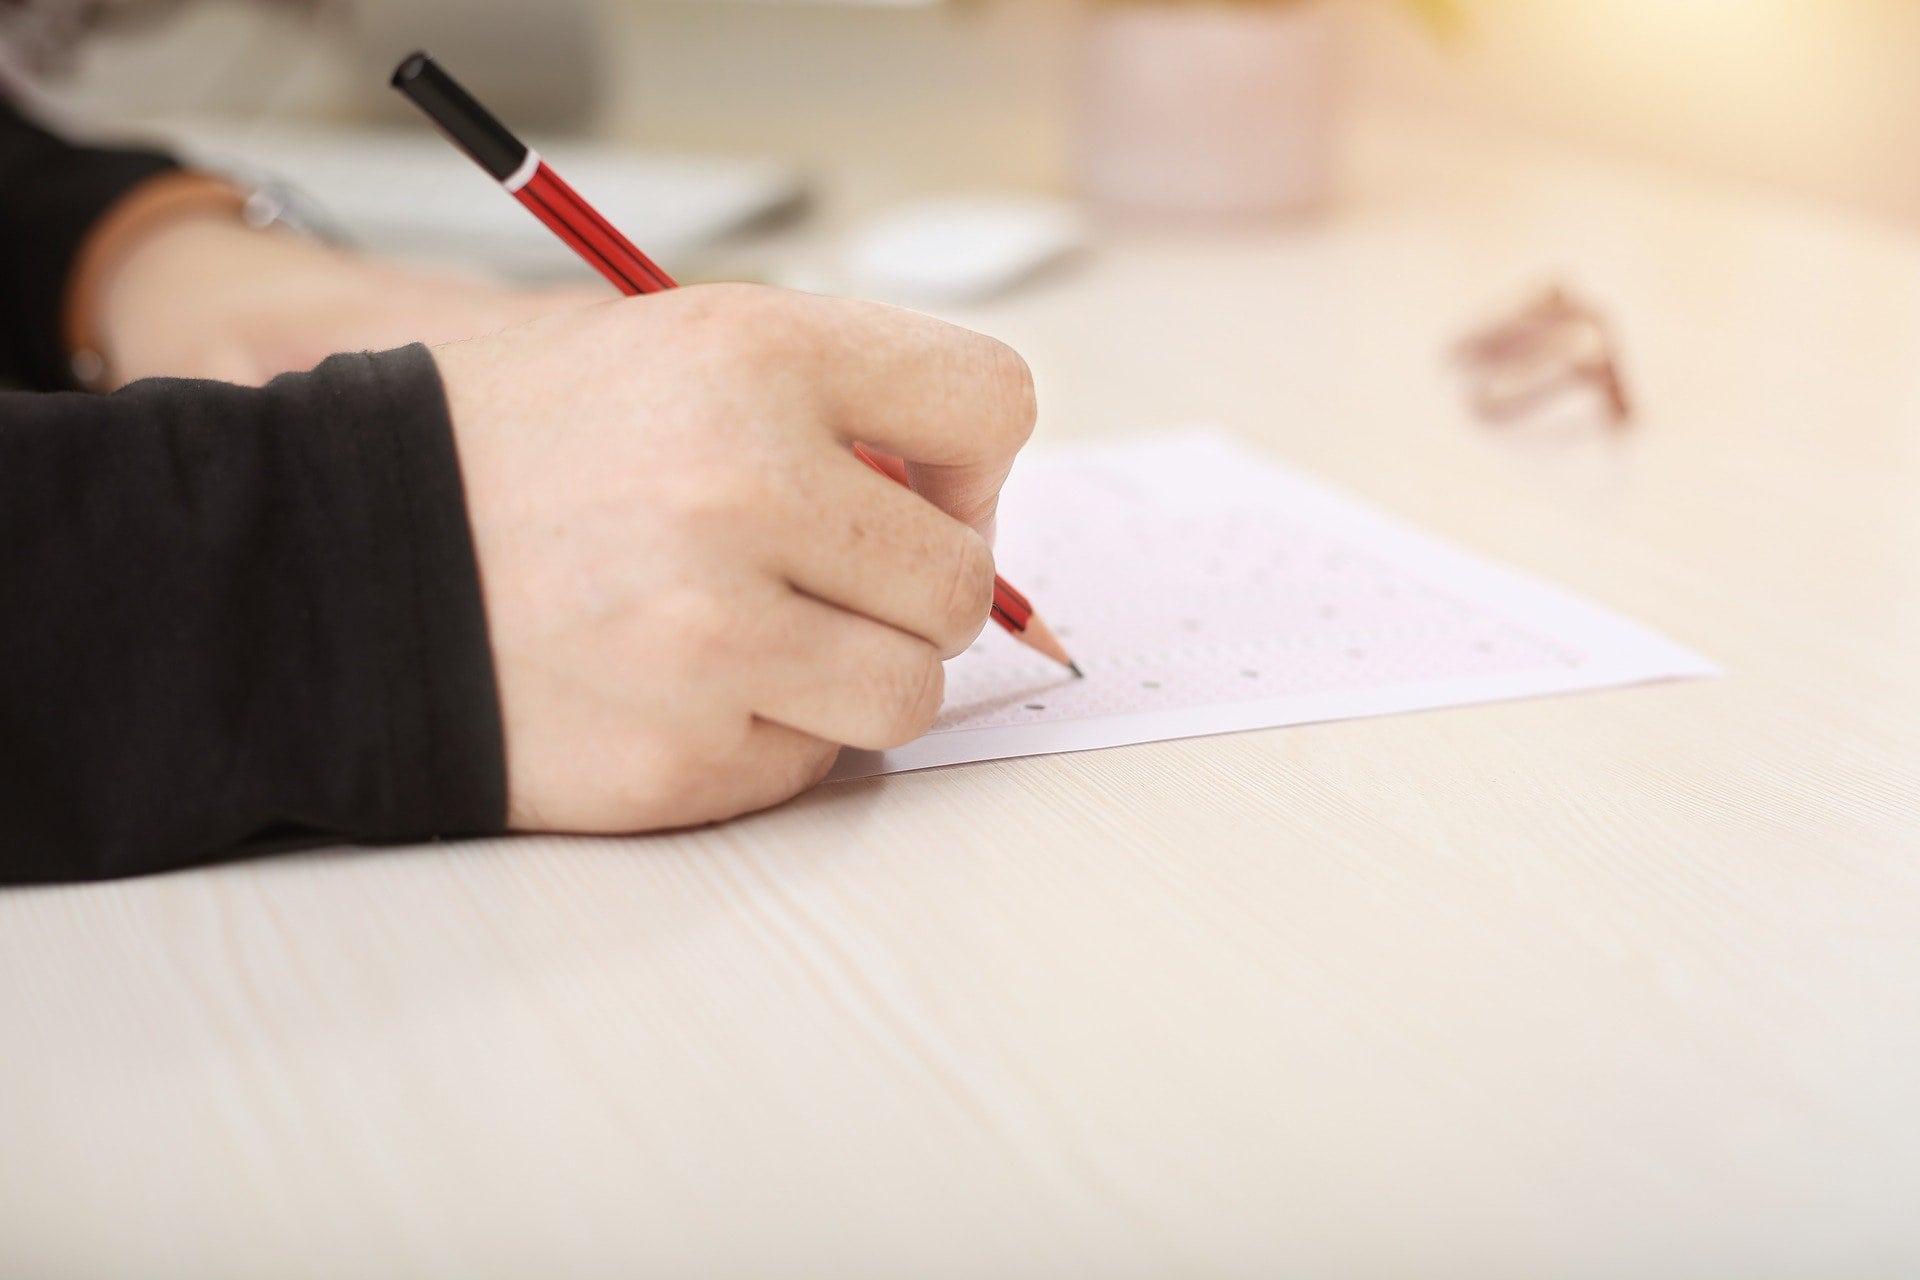 Senat ebnet den Weg für digitale Prüfungen – Freiversuchs-Regelung führt zur Diskussion